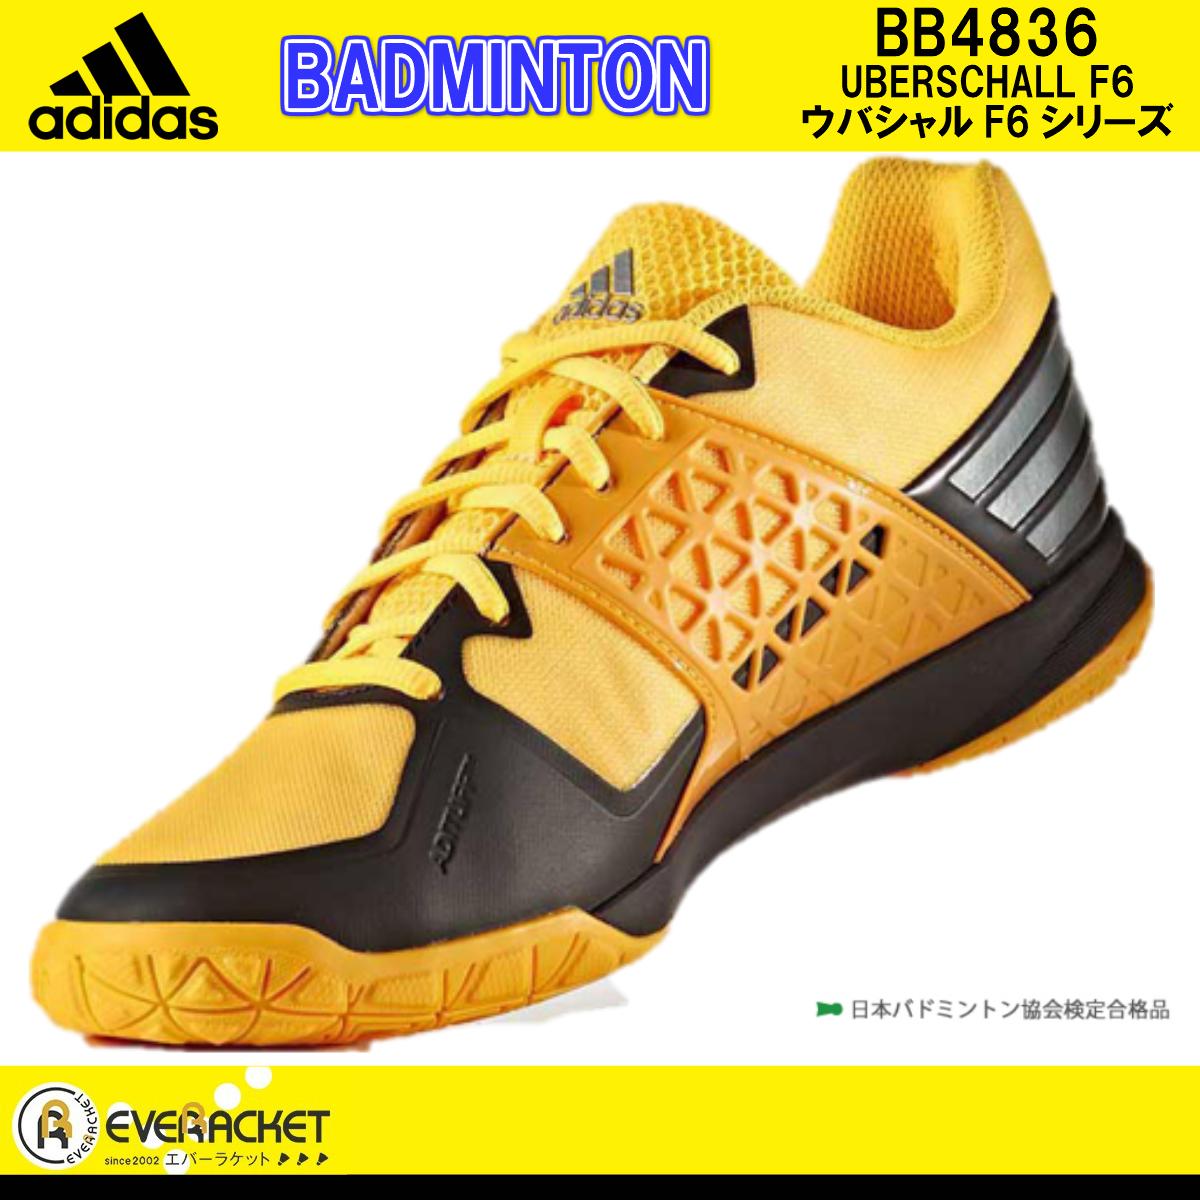 【お買い得商品】 adidas アディダススリービー ラケットスポーツジャパン バドミントン バドミントンシューズ ウバシャルF6 BB4836